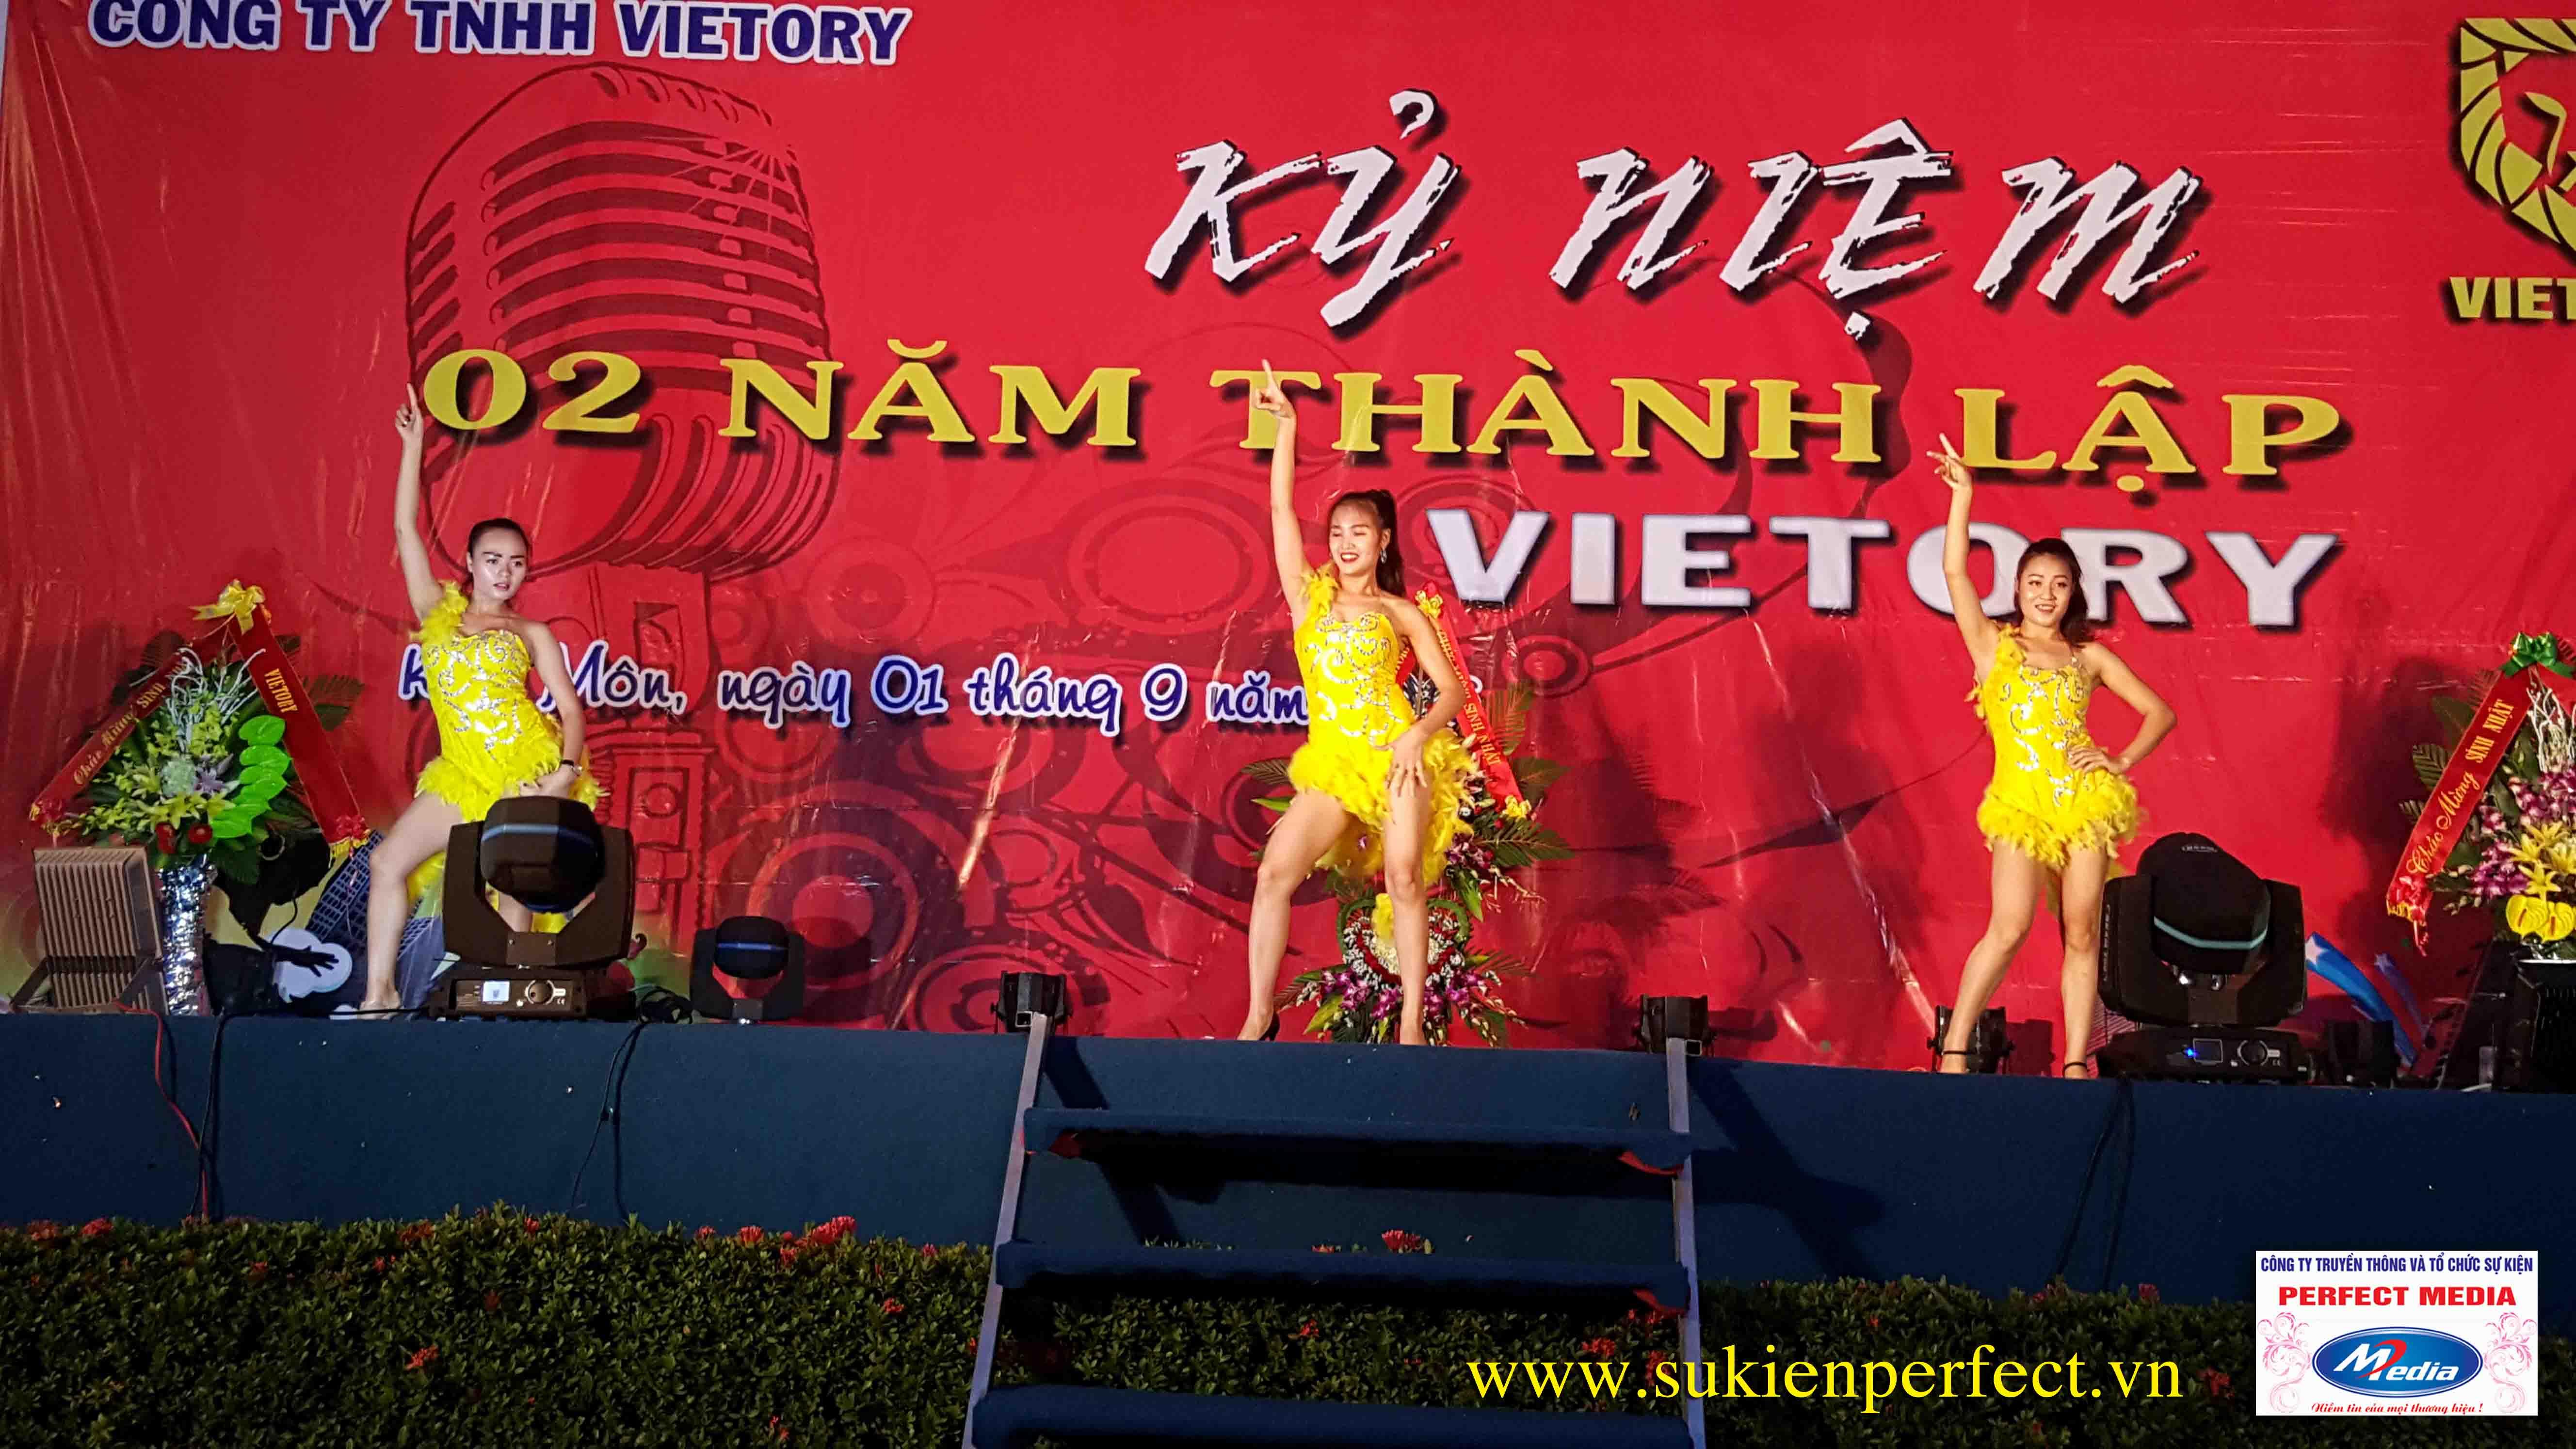 Không khí này lễ chào mừng 2 năm thành lập công ty TNHH Vietory 10